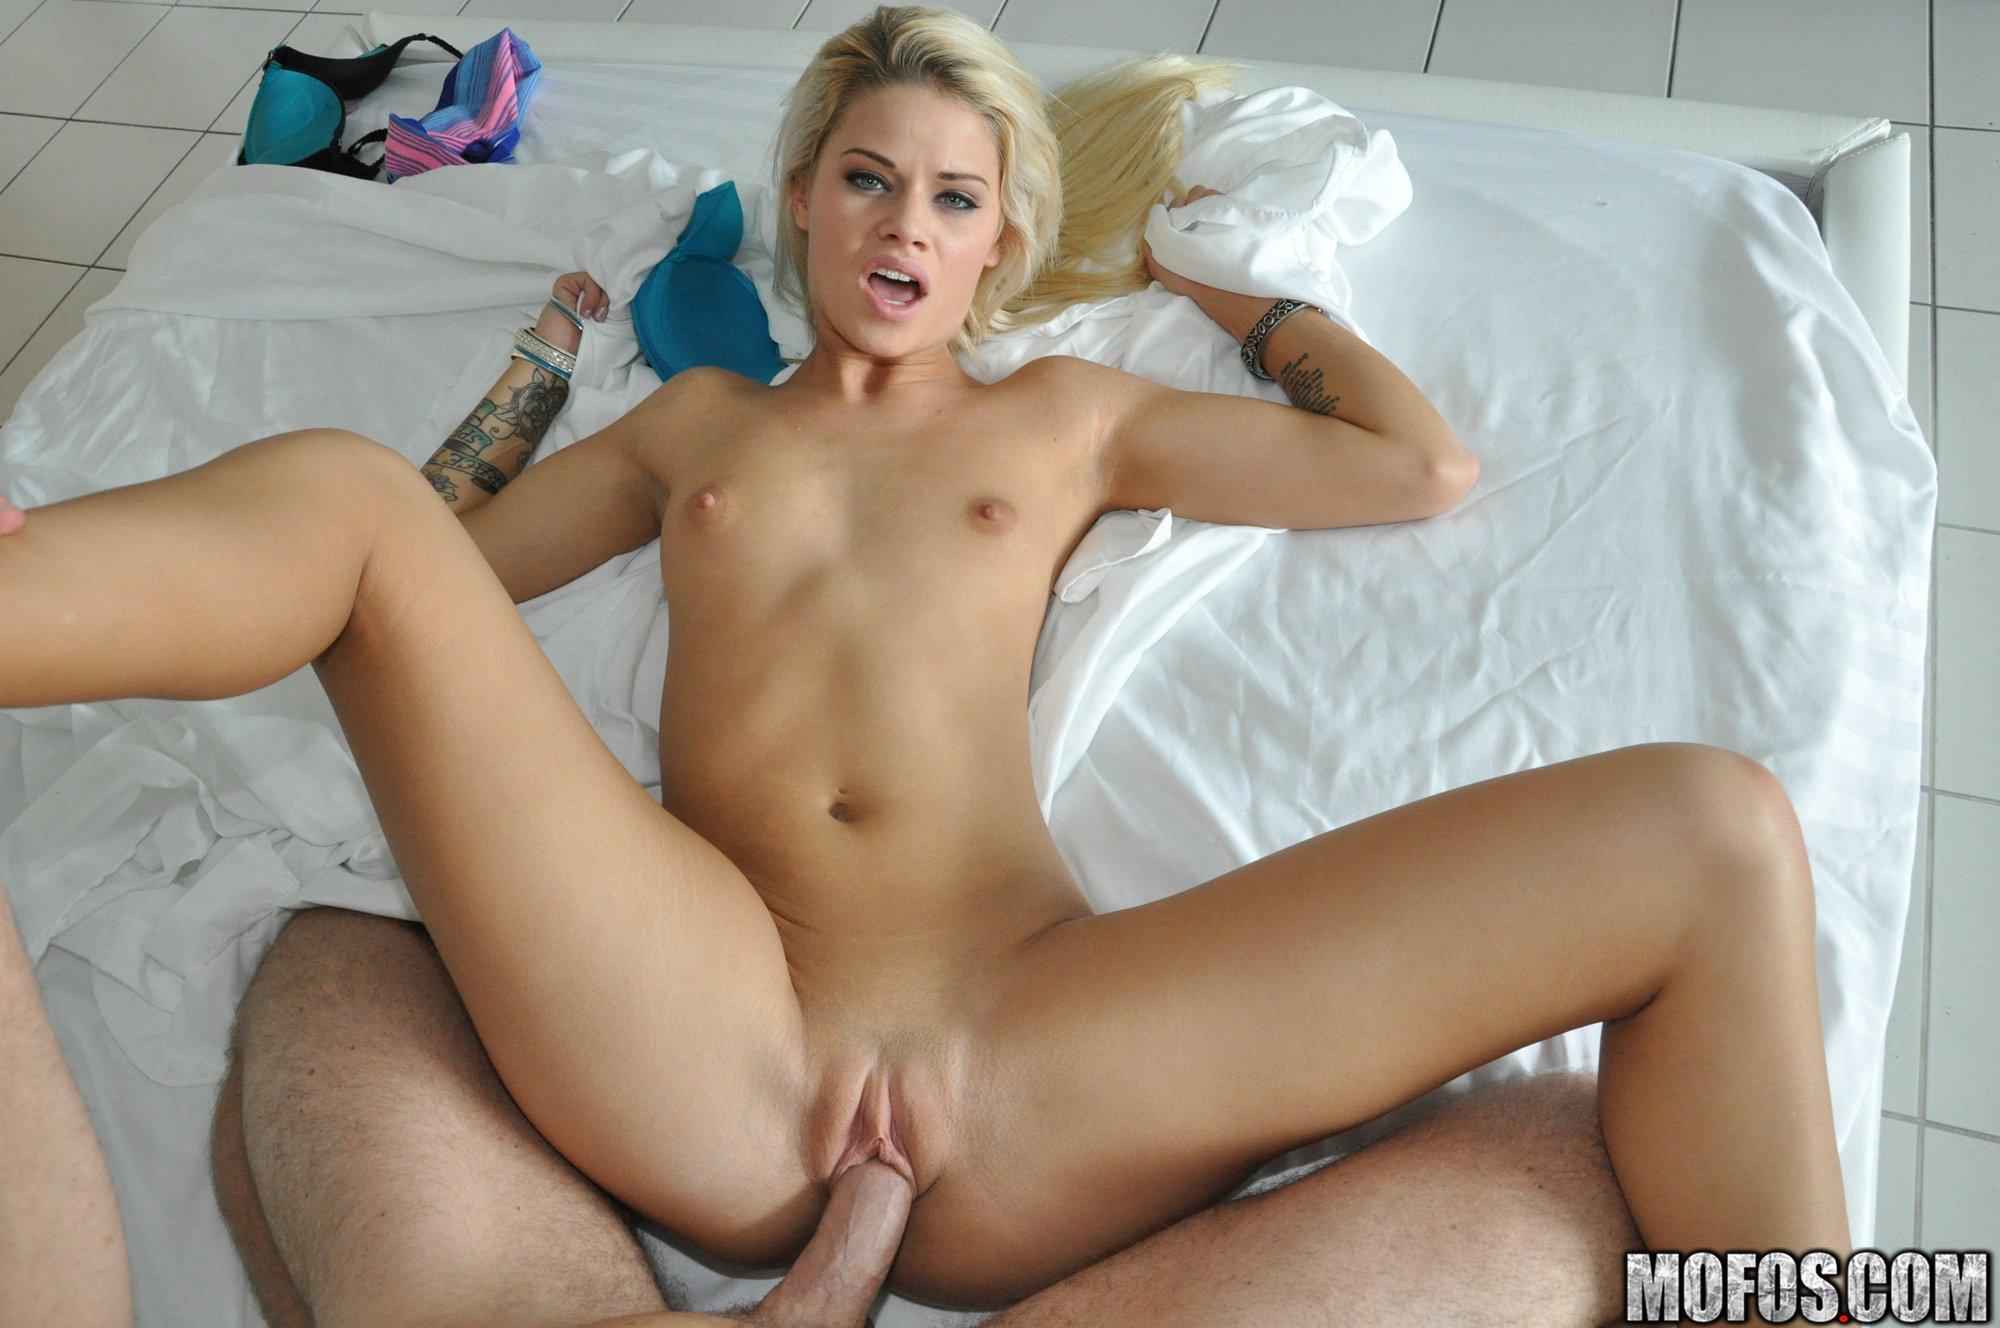 Alina li caught masturbating with stepmom039s dildo 7